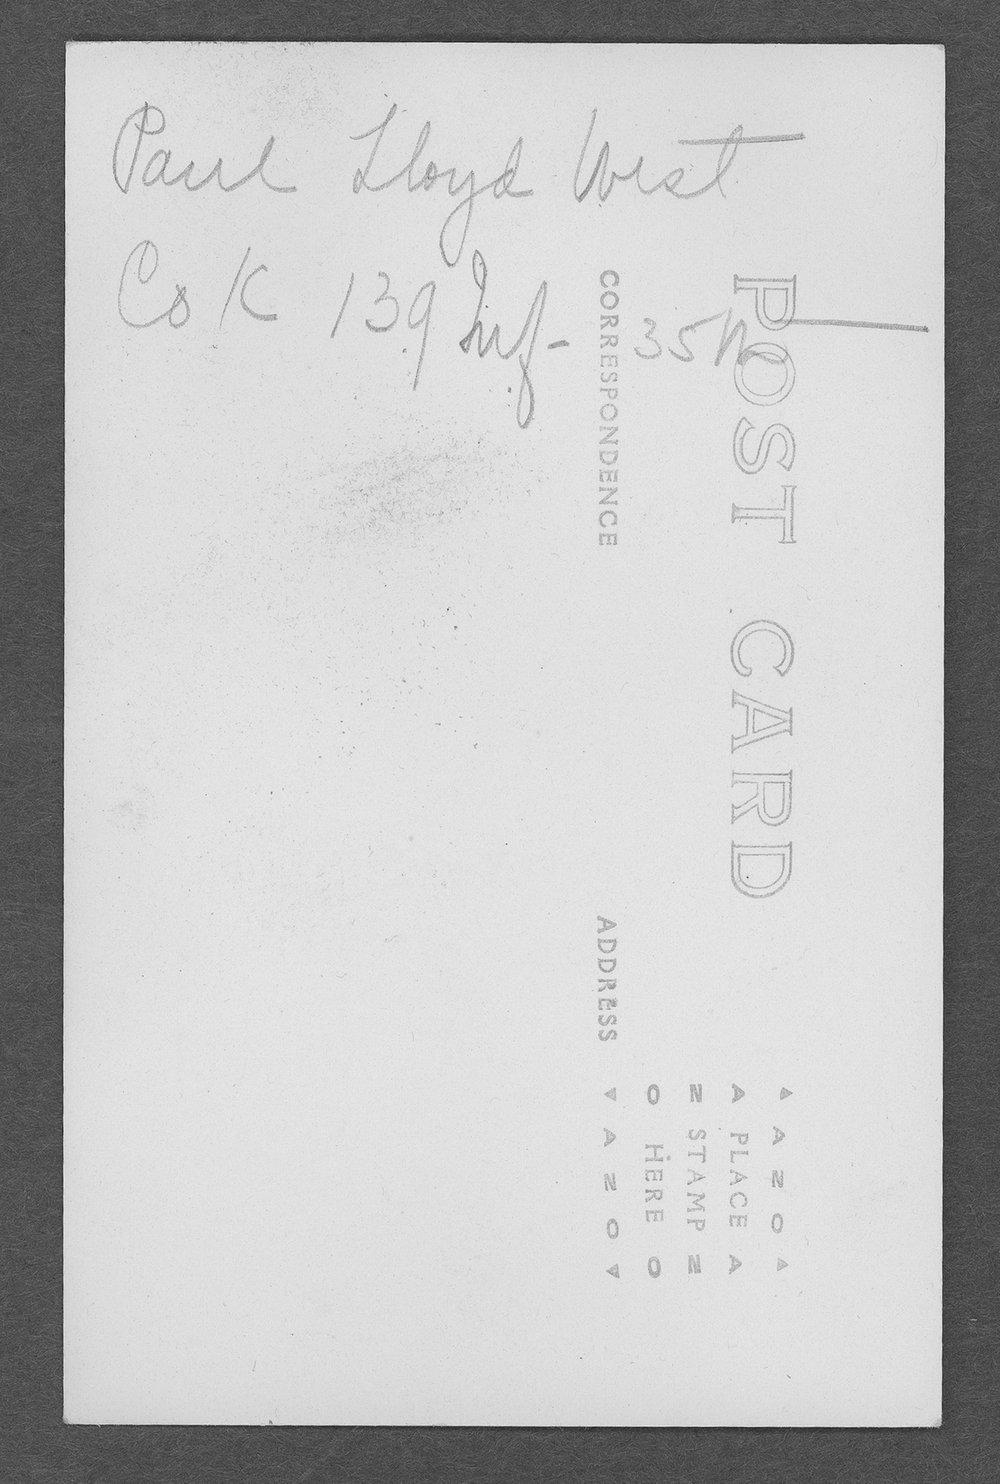 Paul Lloyd West, World War I soldier - 2